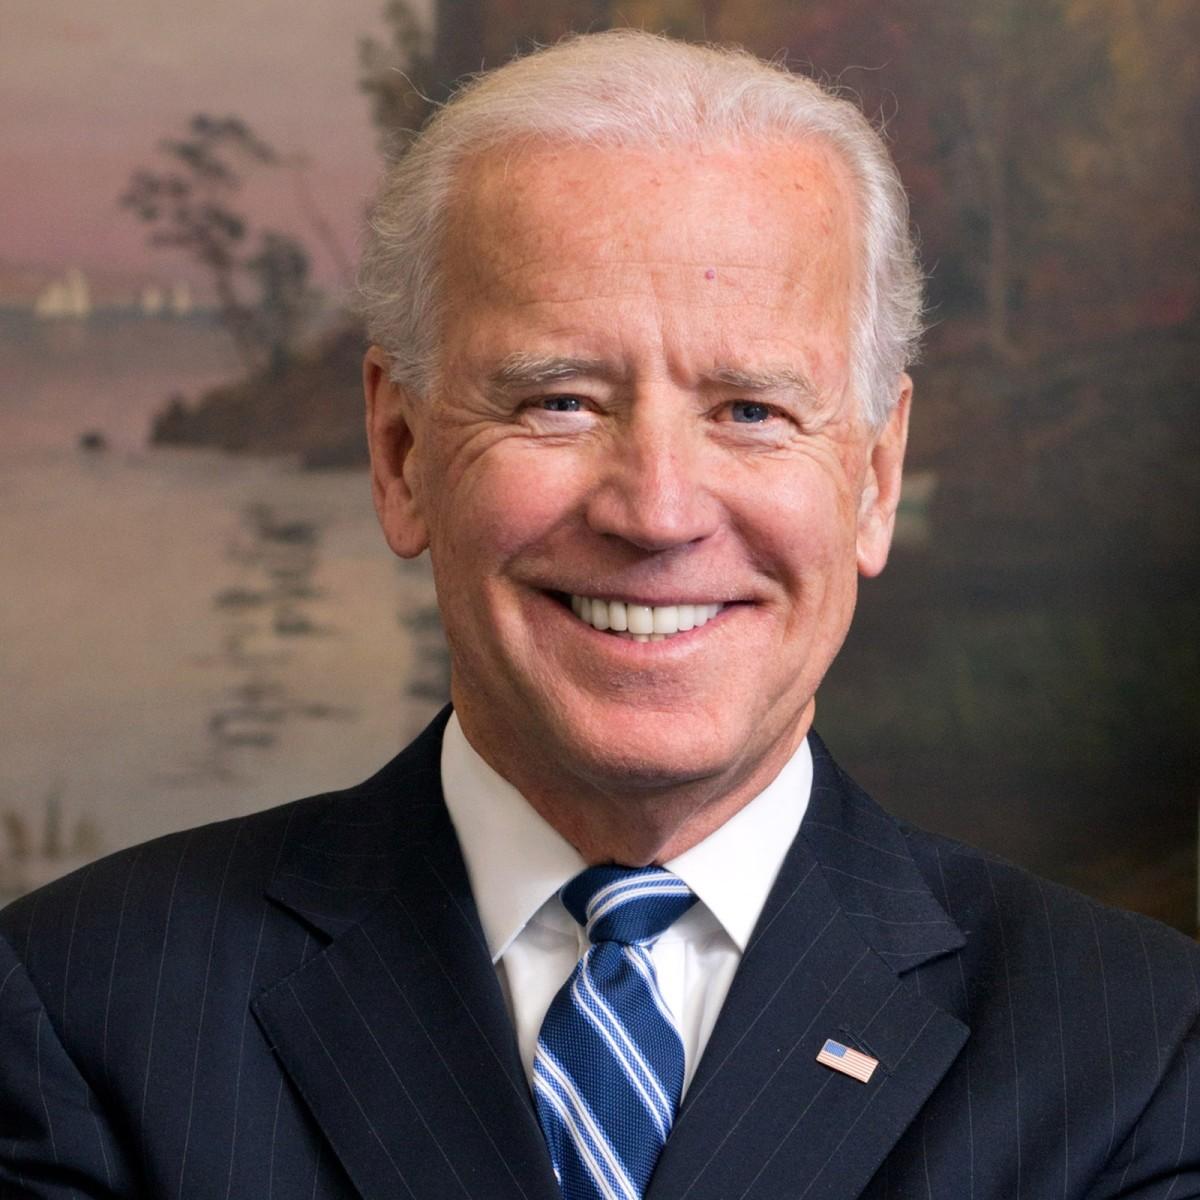 अमेरिकी राष्ट्रपतिको रुपमा जो बाइडनले आज शपथ ग्रहण गर्दै